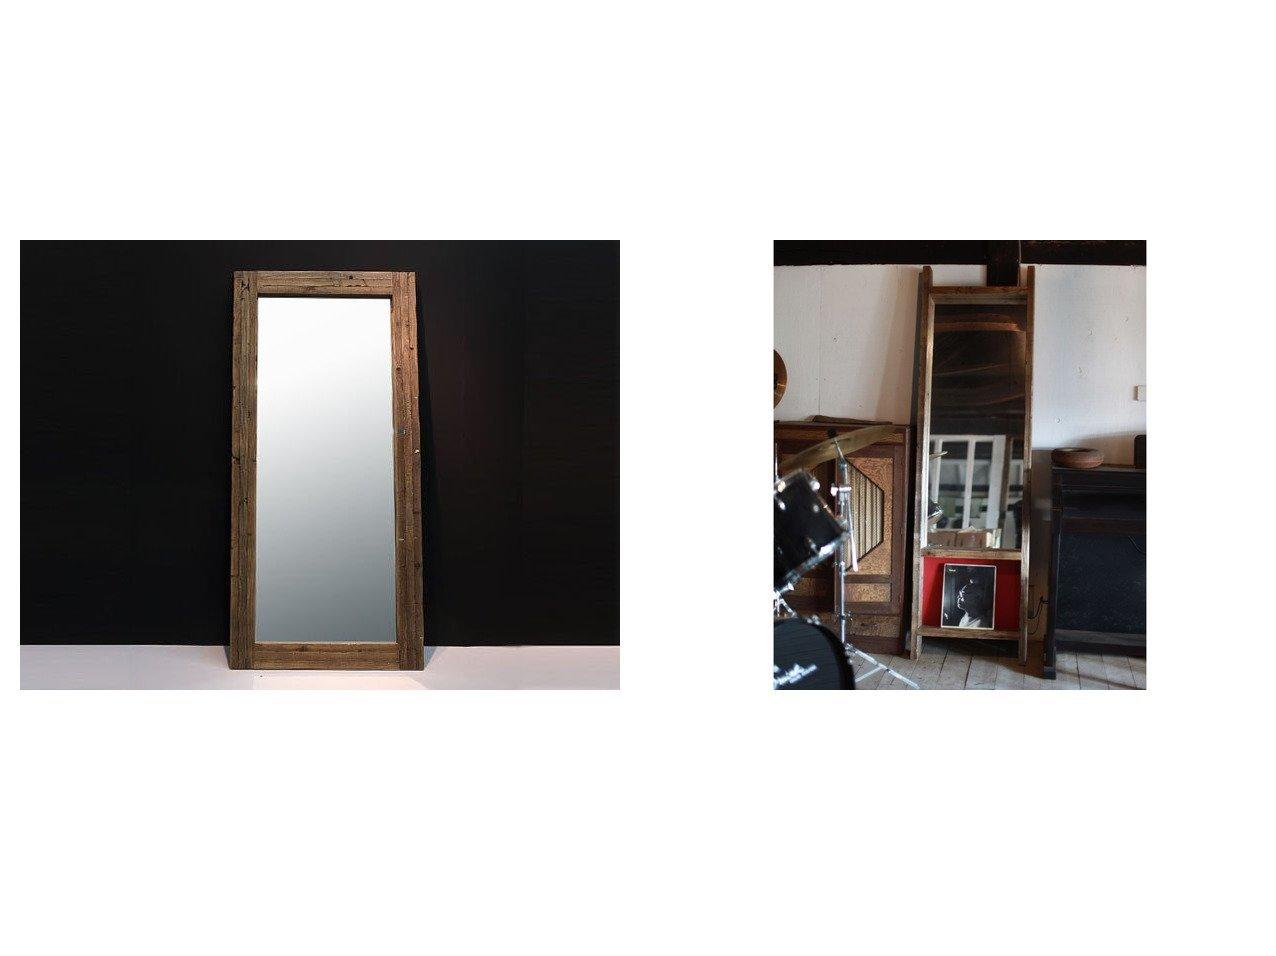 【ikp/イカピー】のミラー 1700&ドレッサー 2 【FURNITURE】おすすめ!人気、インテリア雑貨・家具の通販 おすすめで人気の流行・トレンド、ファッションの通販商品 インテリア・家具・メンズファッション・キッズファッション・レディースファッション・服の通販 founy(ファニー) https://founy.com/ アクセサリー オイル スタンド 雑誌 フレーム ユーズド ホーム・キャンプ・アウトドア Home,Garden,Outdoor,Camping Gear 家具・インテリア Furniture ミラー・ドレッサー Mirror ミラー・鏡 ホーム・キャンプ・アウトドア Home,Garden,Outdoor,Camping Gear 家具・インテリア Furniture ミラー・ドレッサー Mirror ドレッサー  ID:crp329100000055477